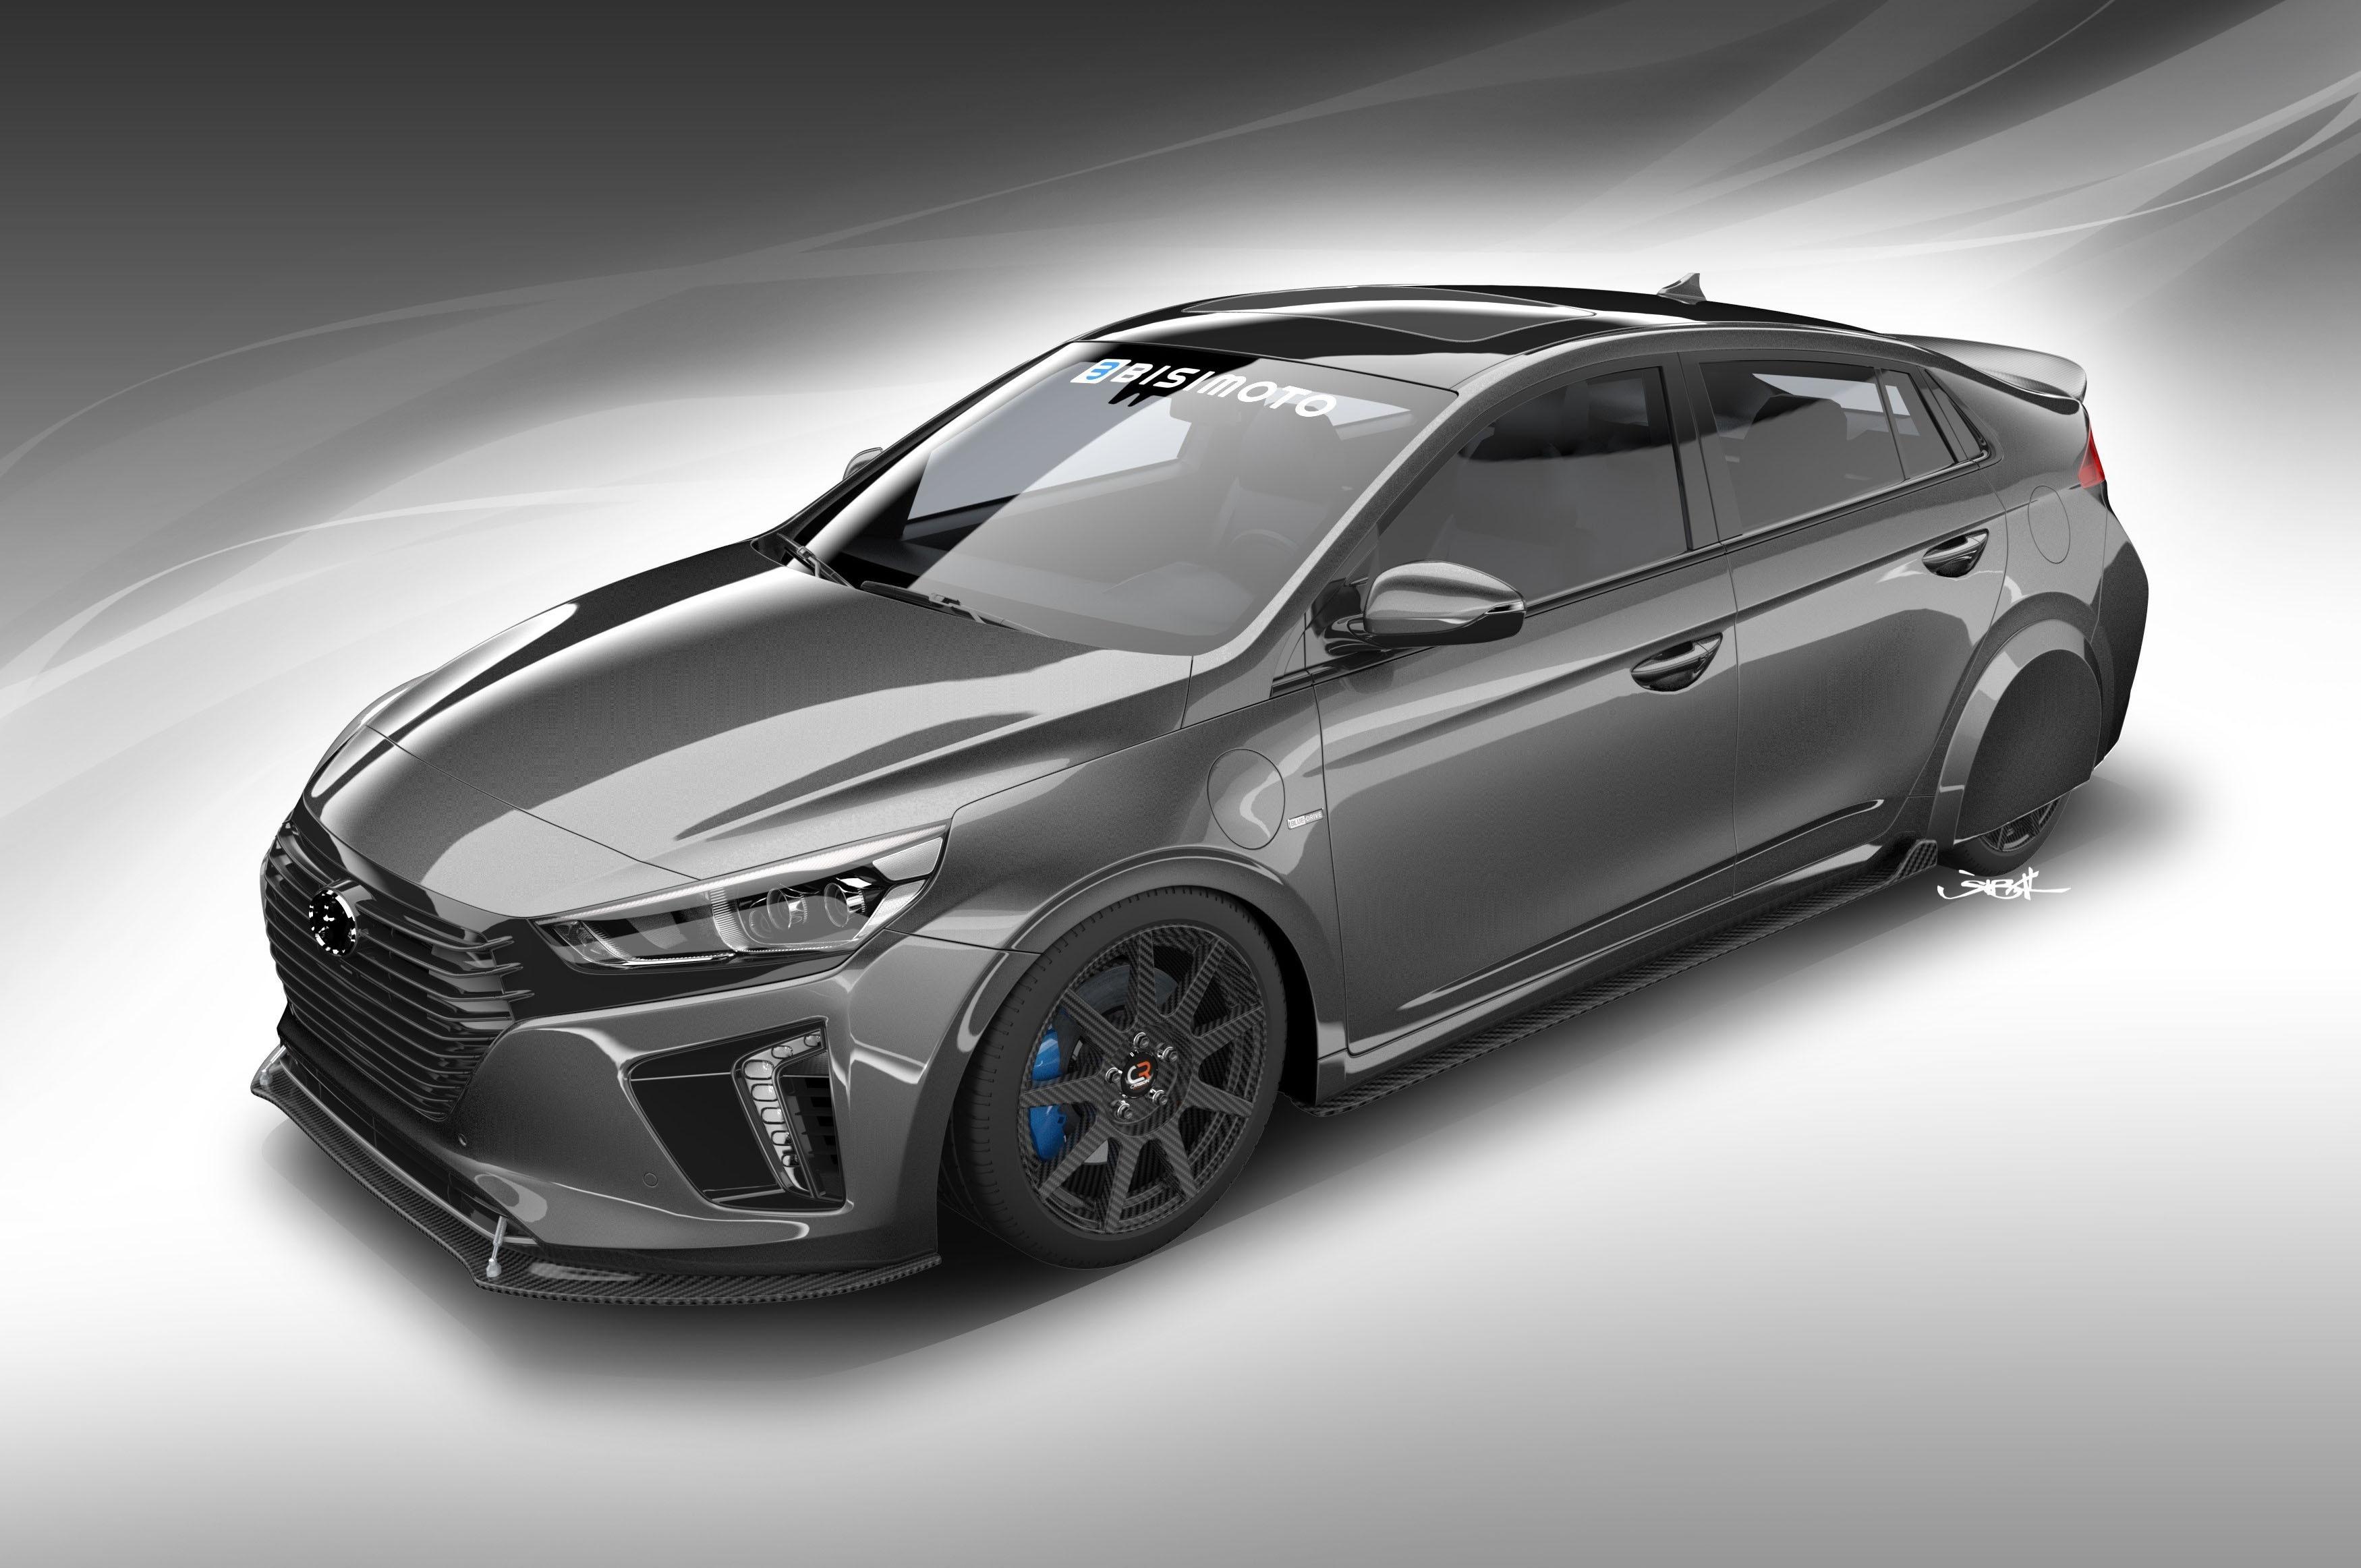 Hyundai HyperEconiq Ioniq With Bisimoto Engineering